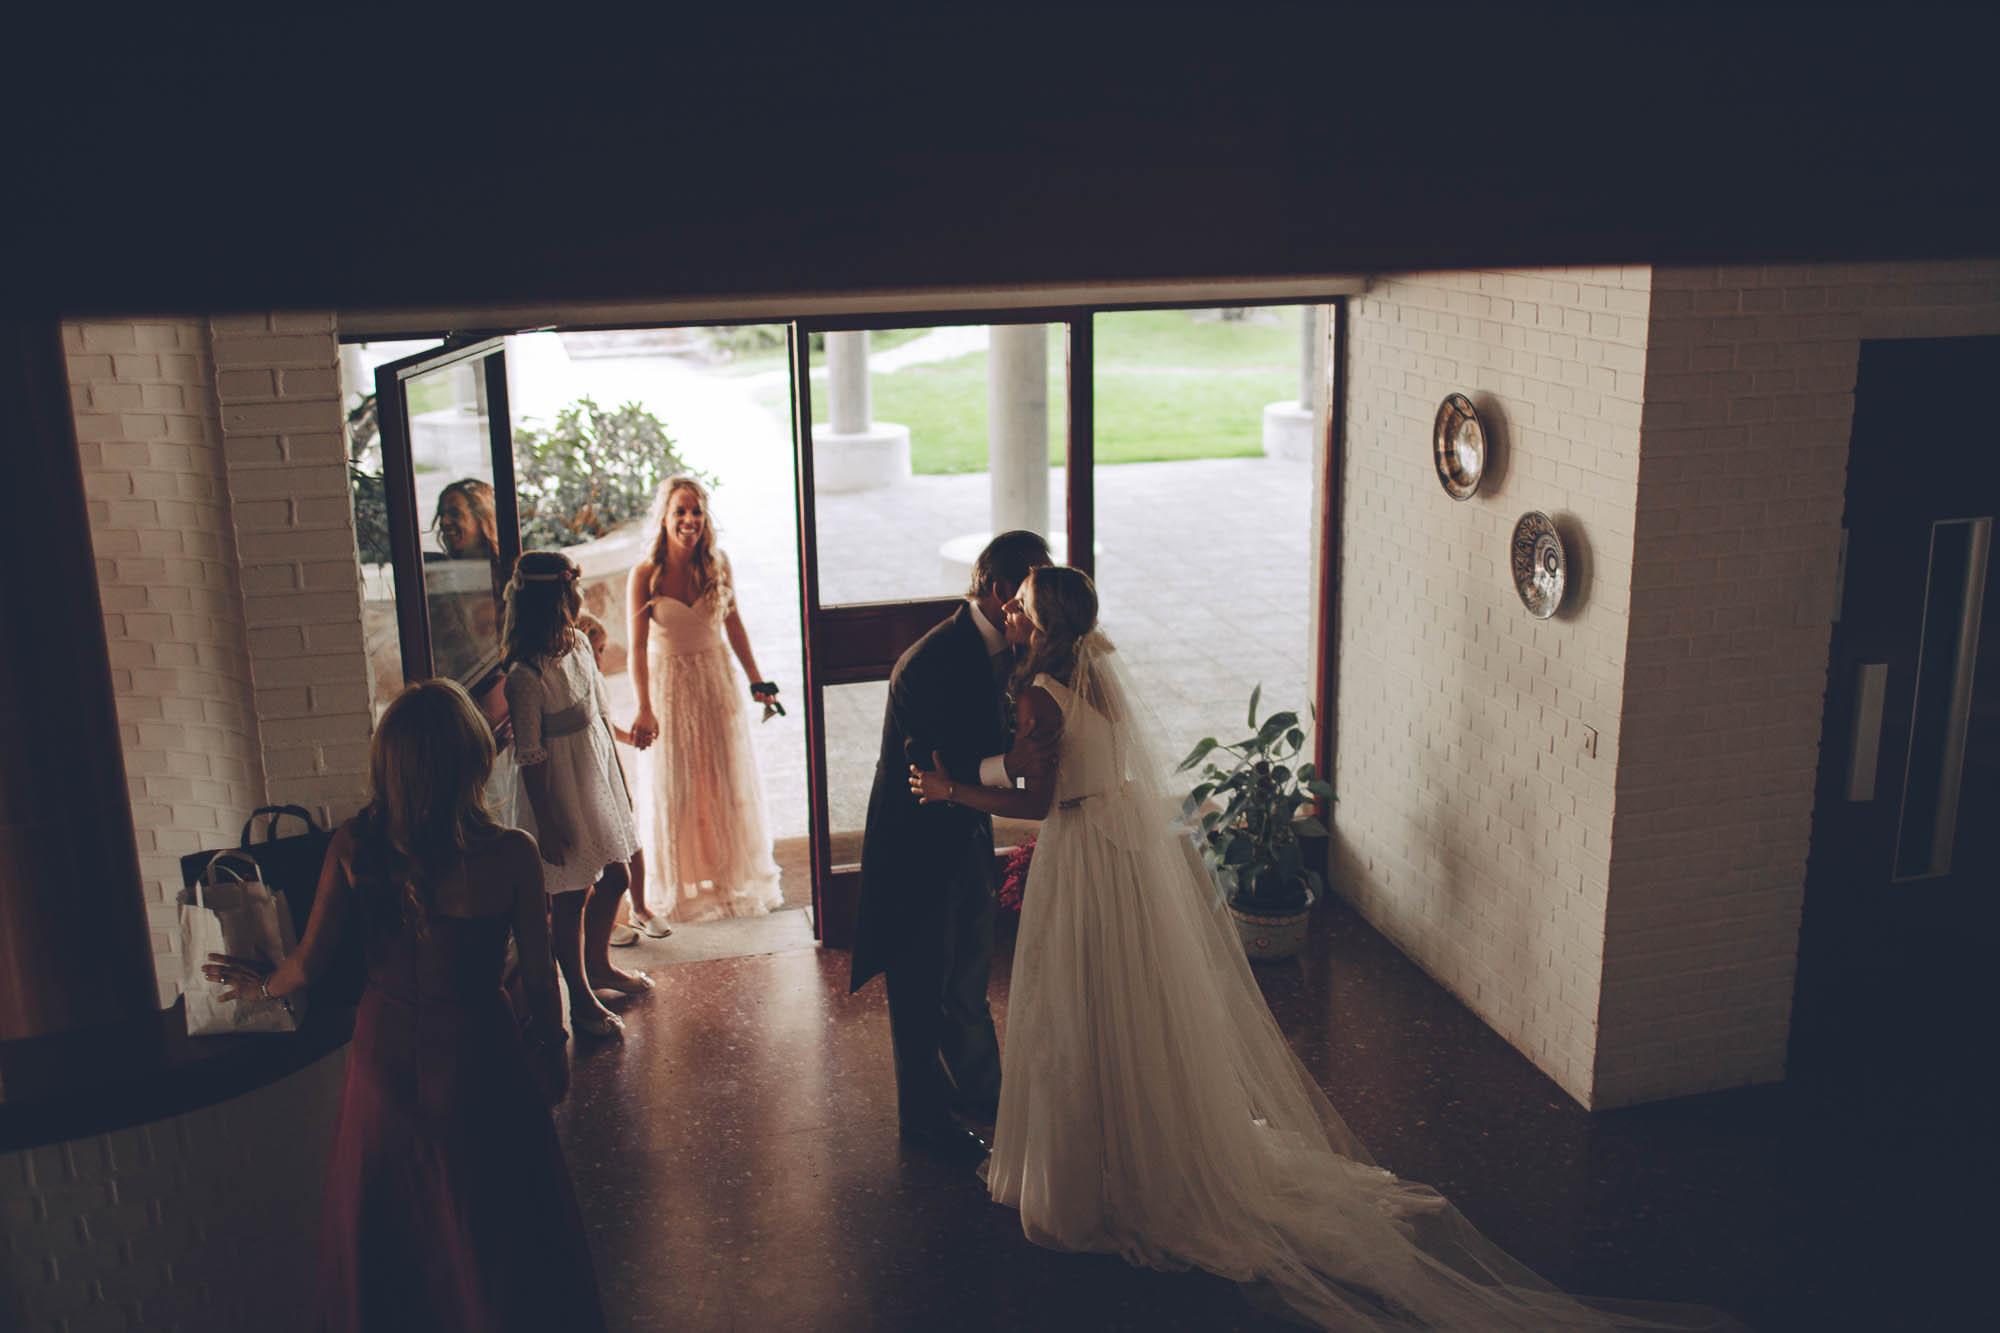 La novia saluda a los invitados